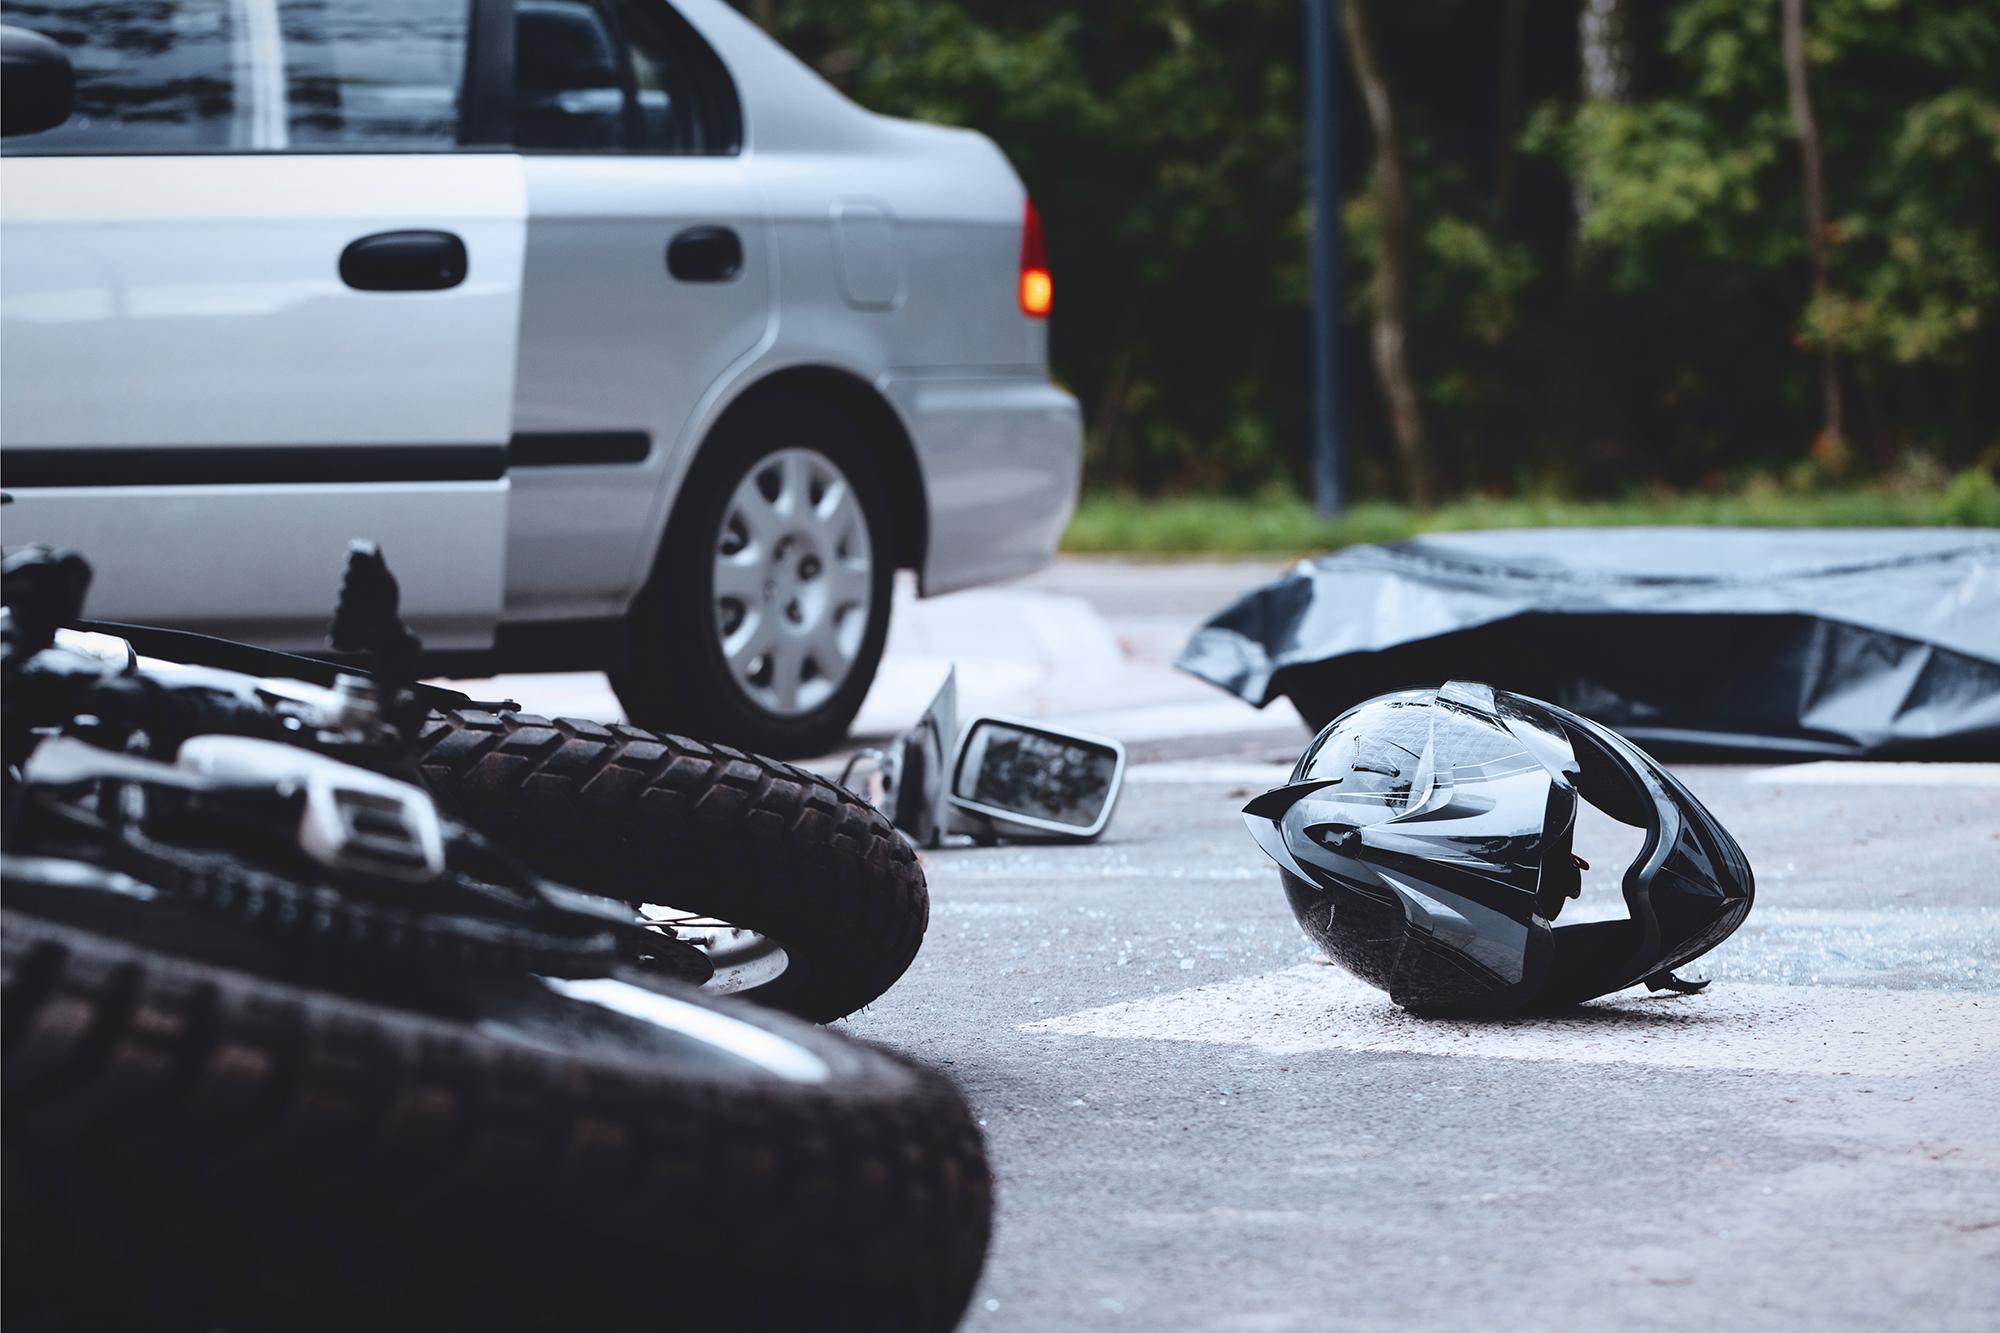 Accidentes de circulación con elemento extranjero. Problemas prácticos